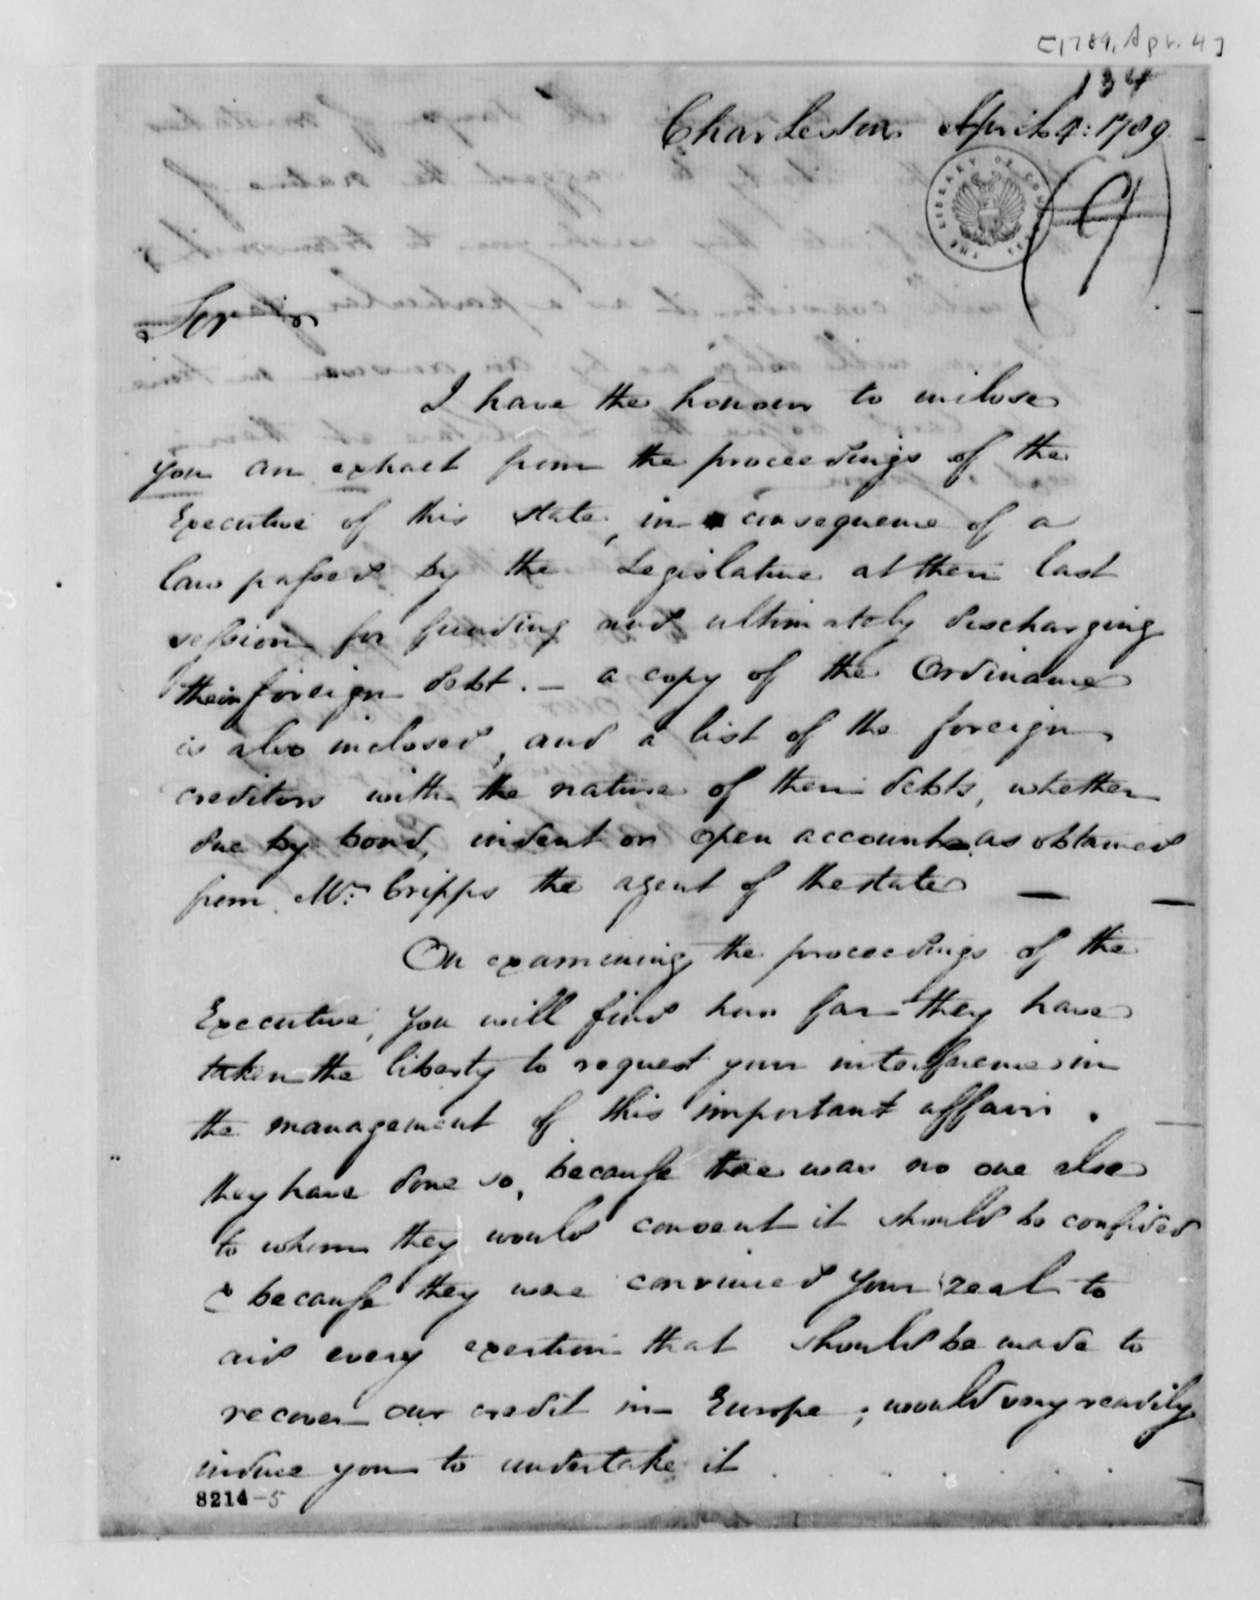 Charles Pinckney to Thomas Jefferson, April 4, 1789, with South Carolina Funding Ordinance